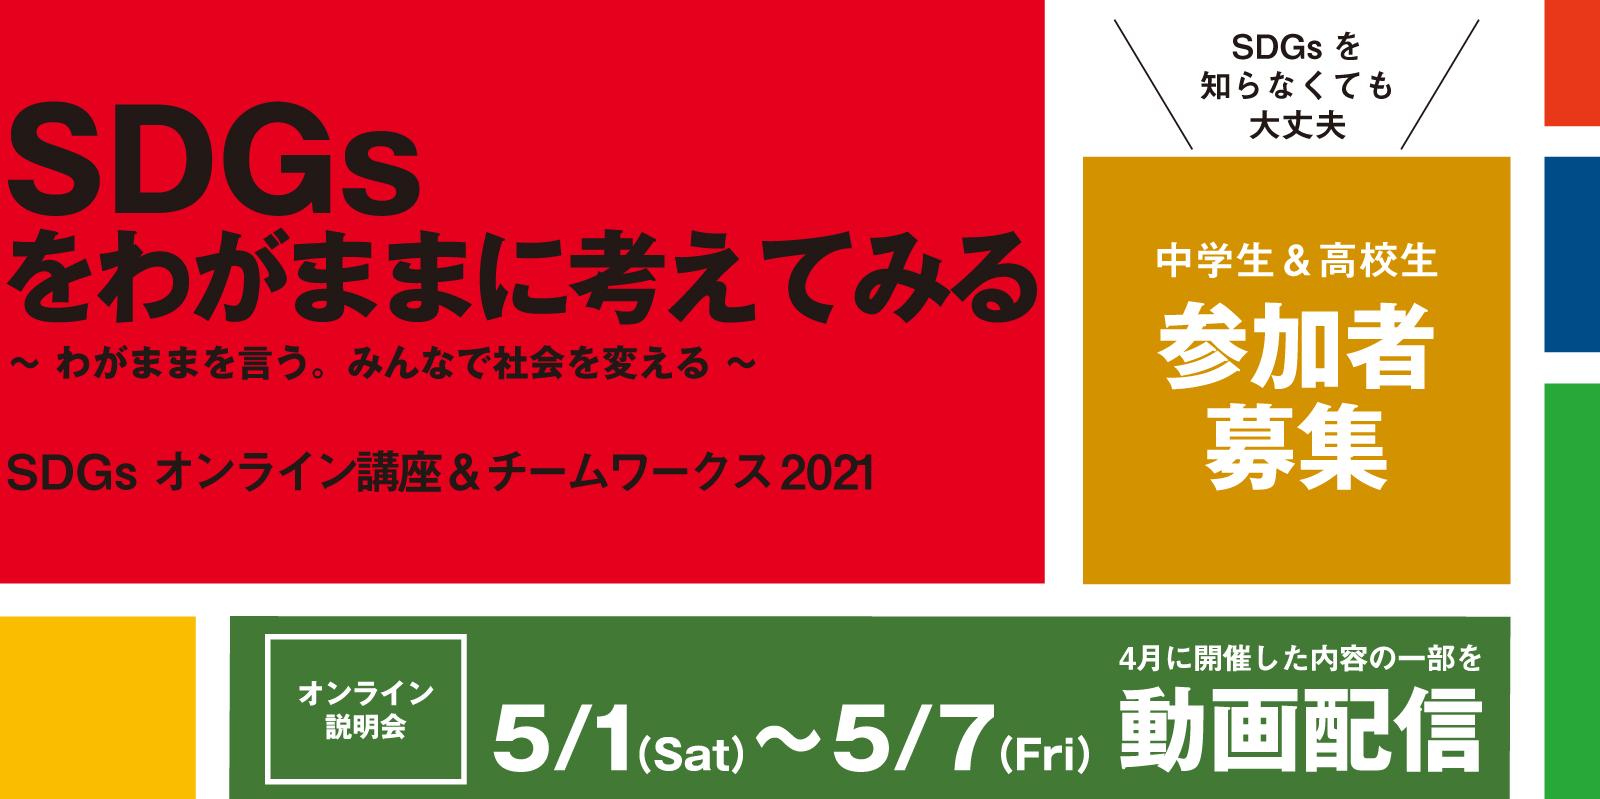 【5/7(金)18:00まで】中学生&高校生 参加者募集中!